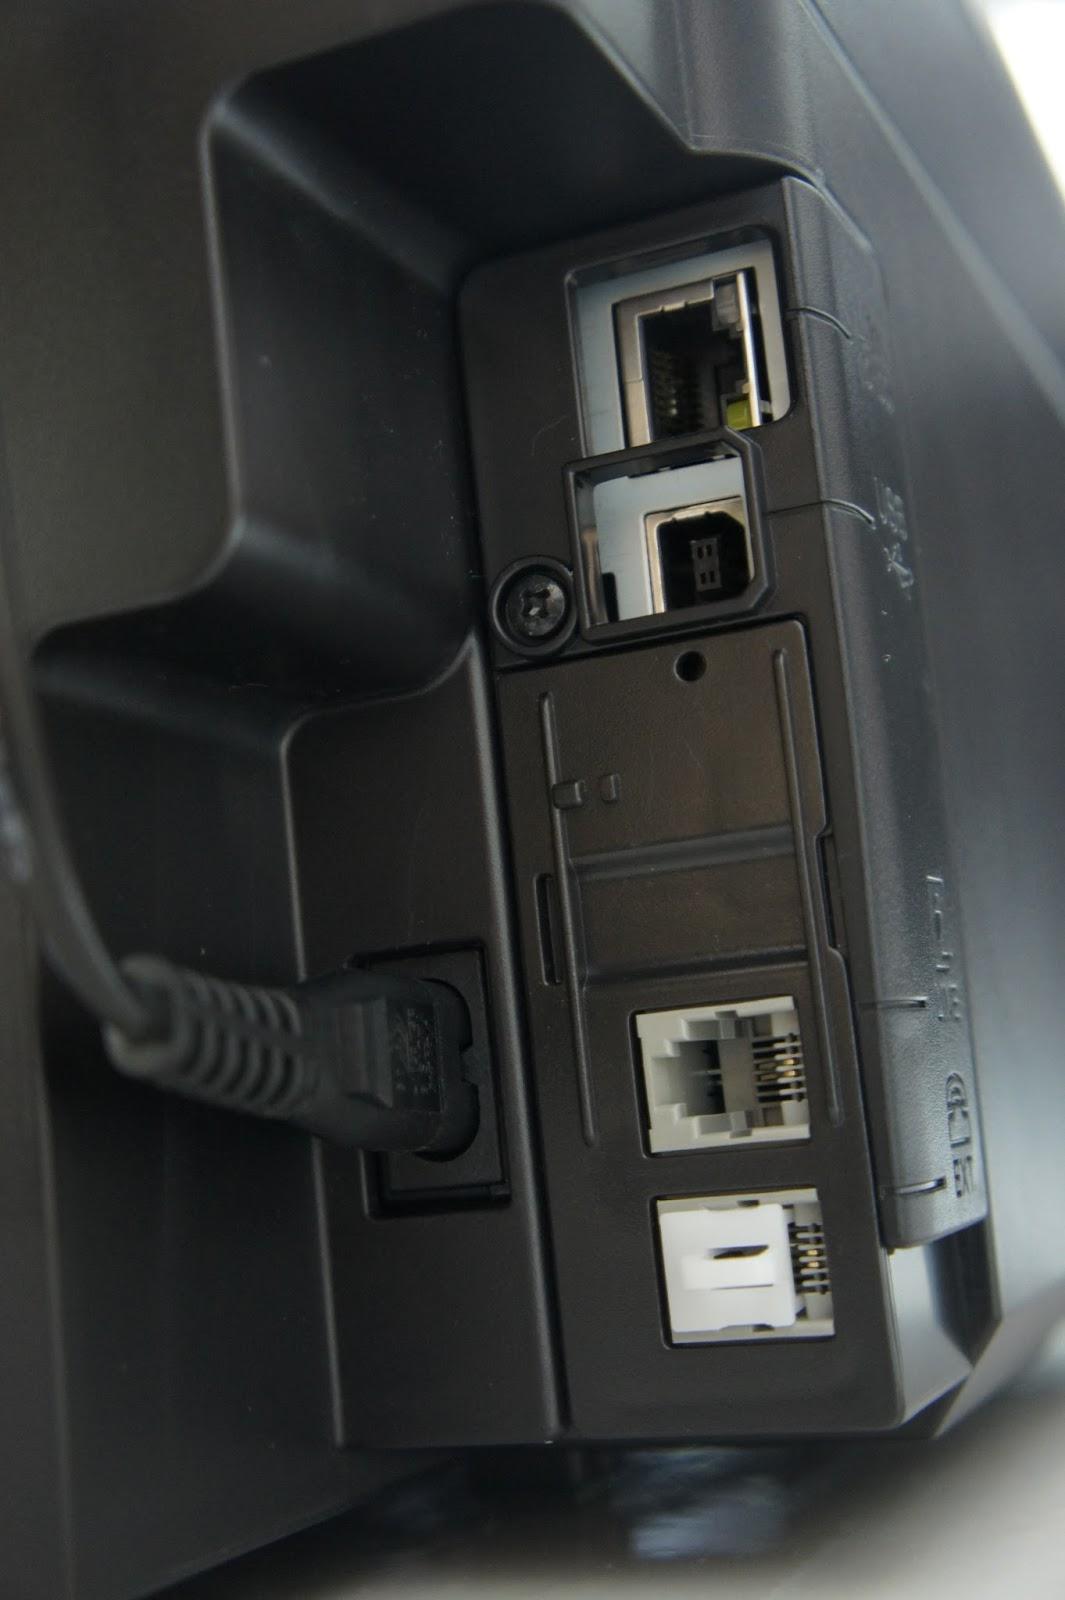 l655-printer-rj45-port